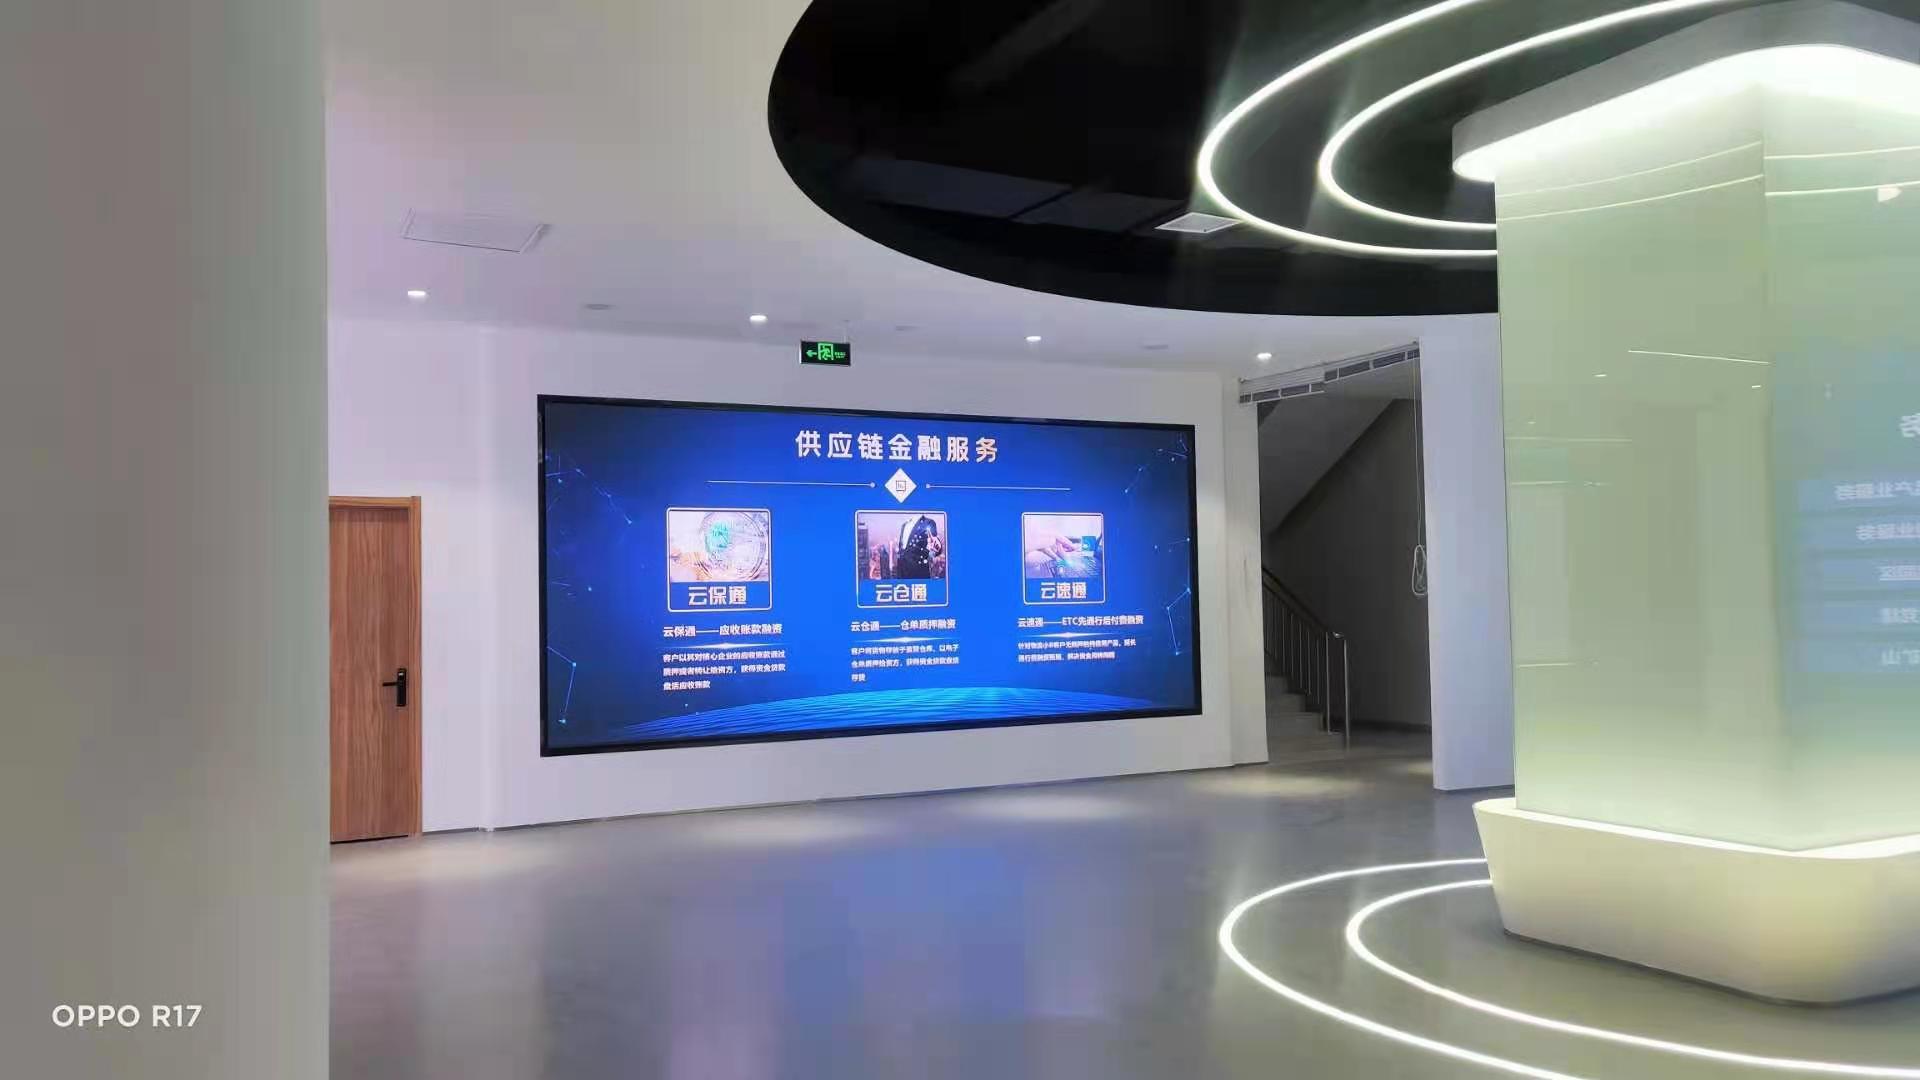 高新科技展厅室内小间距LED显示屏全彩led电子屏案例